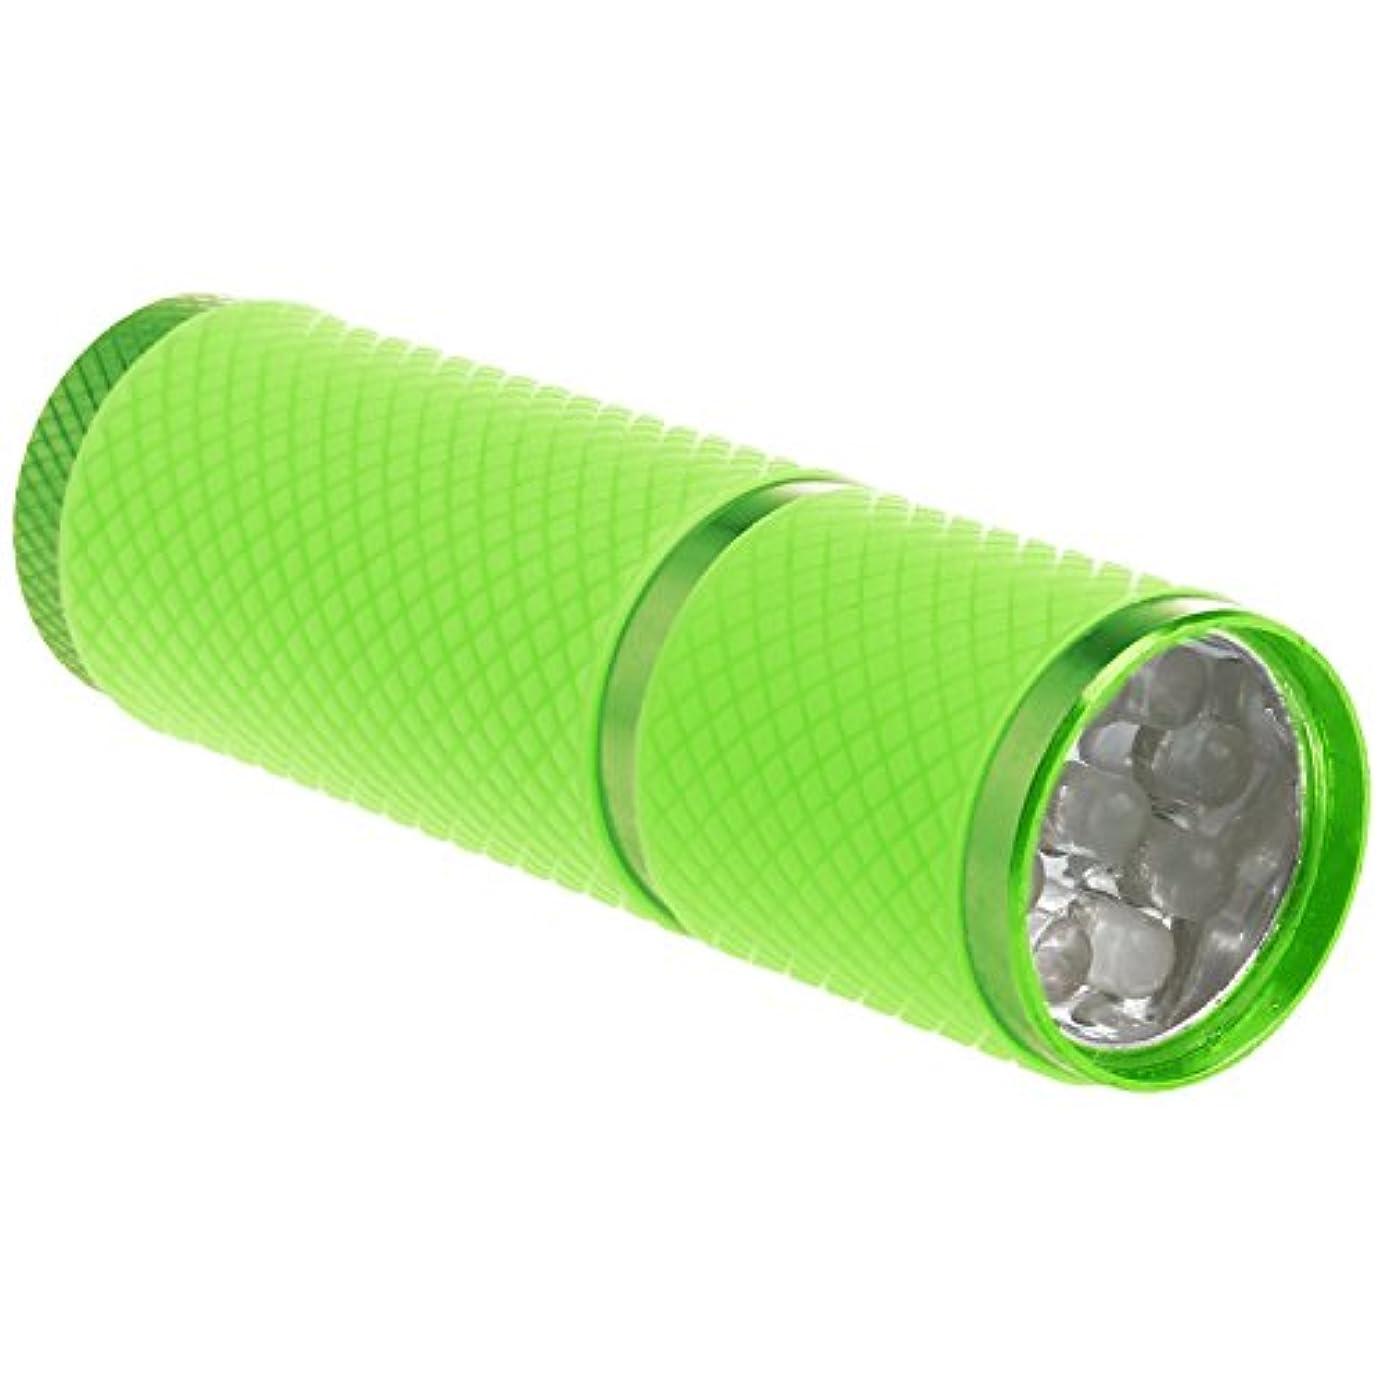 わざわざ気候の山謝罪するSODIAL 1個 ミニ9 LED Uv ゲル硬化ランプ バッテリーなし 携帯性ネイルドライヤー LEDフラッシュライト通貨検出器 アルミニウム合金 グリーンカラー